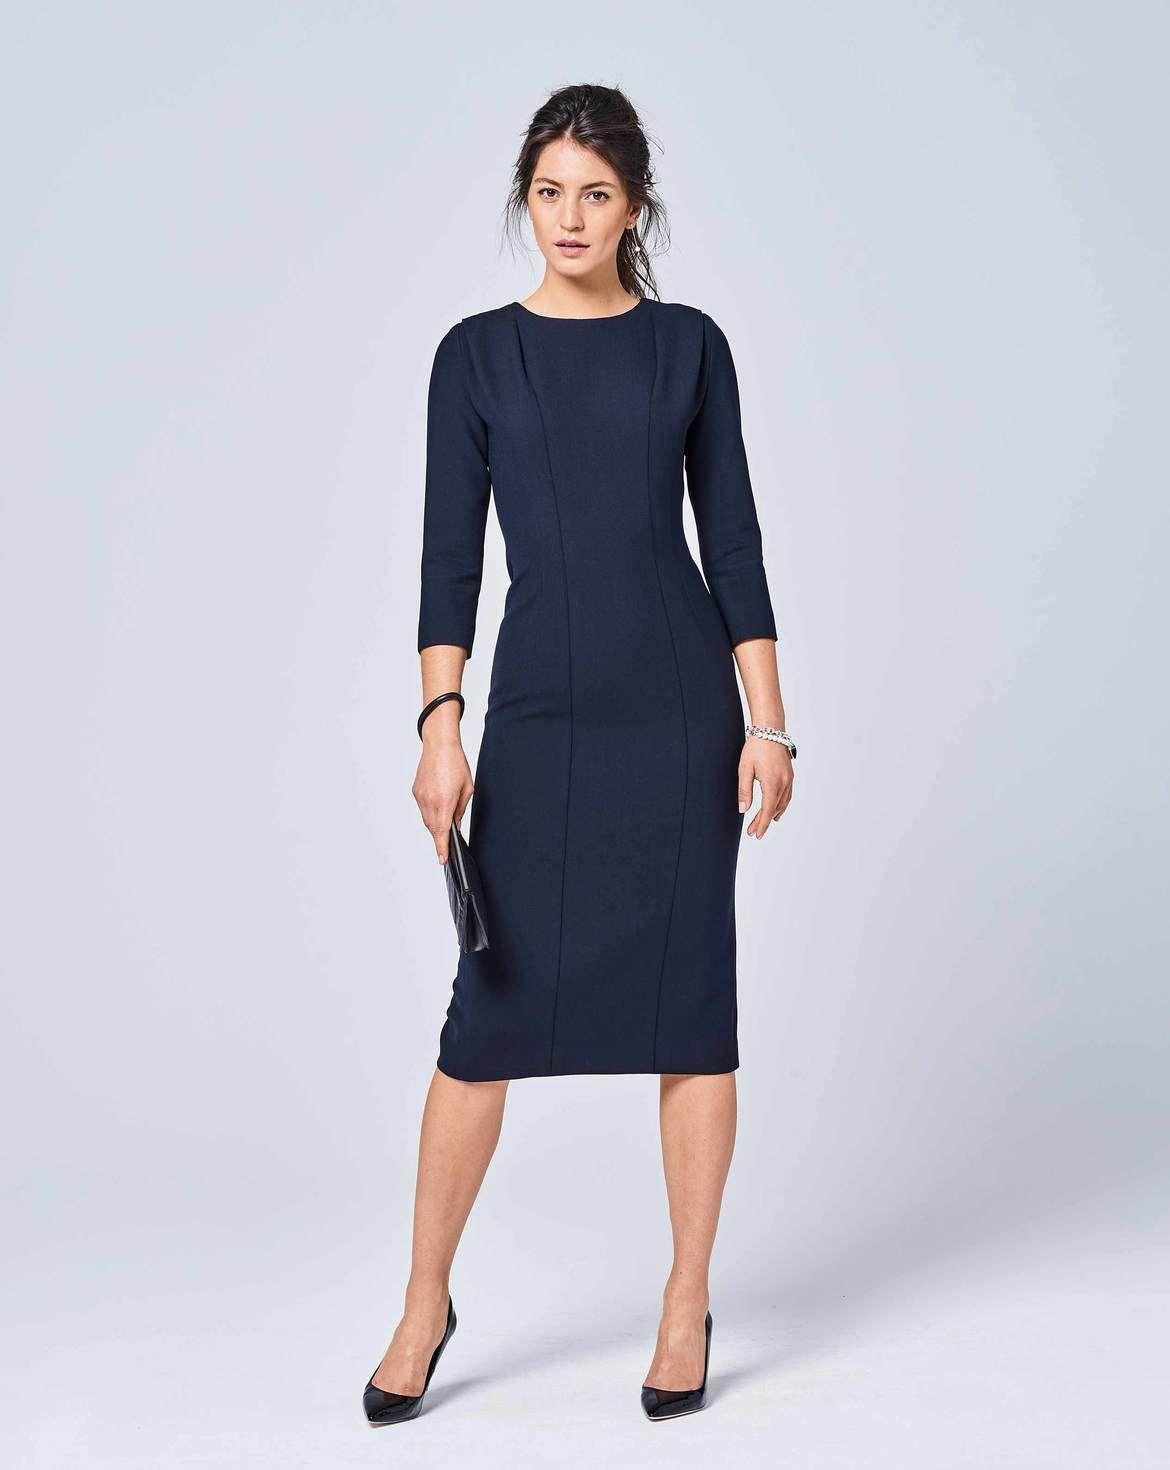 Gewaltig Moderne Kleider 2017 Beste Wahl Retro-kleid 09/2017 #122 | Mode Zum Selbernähen